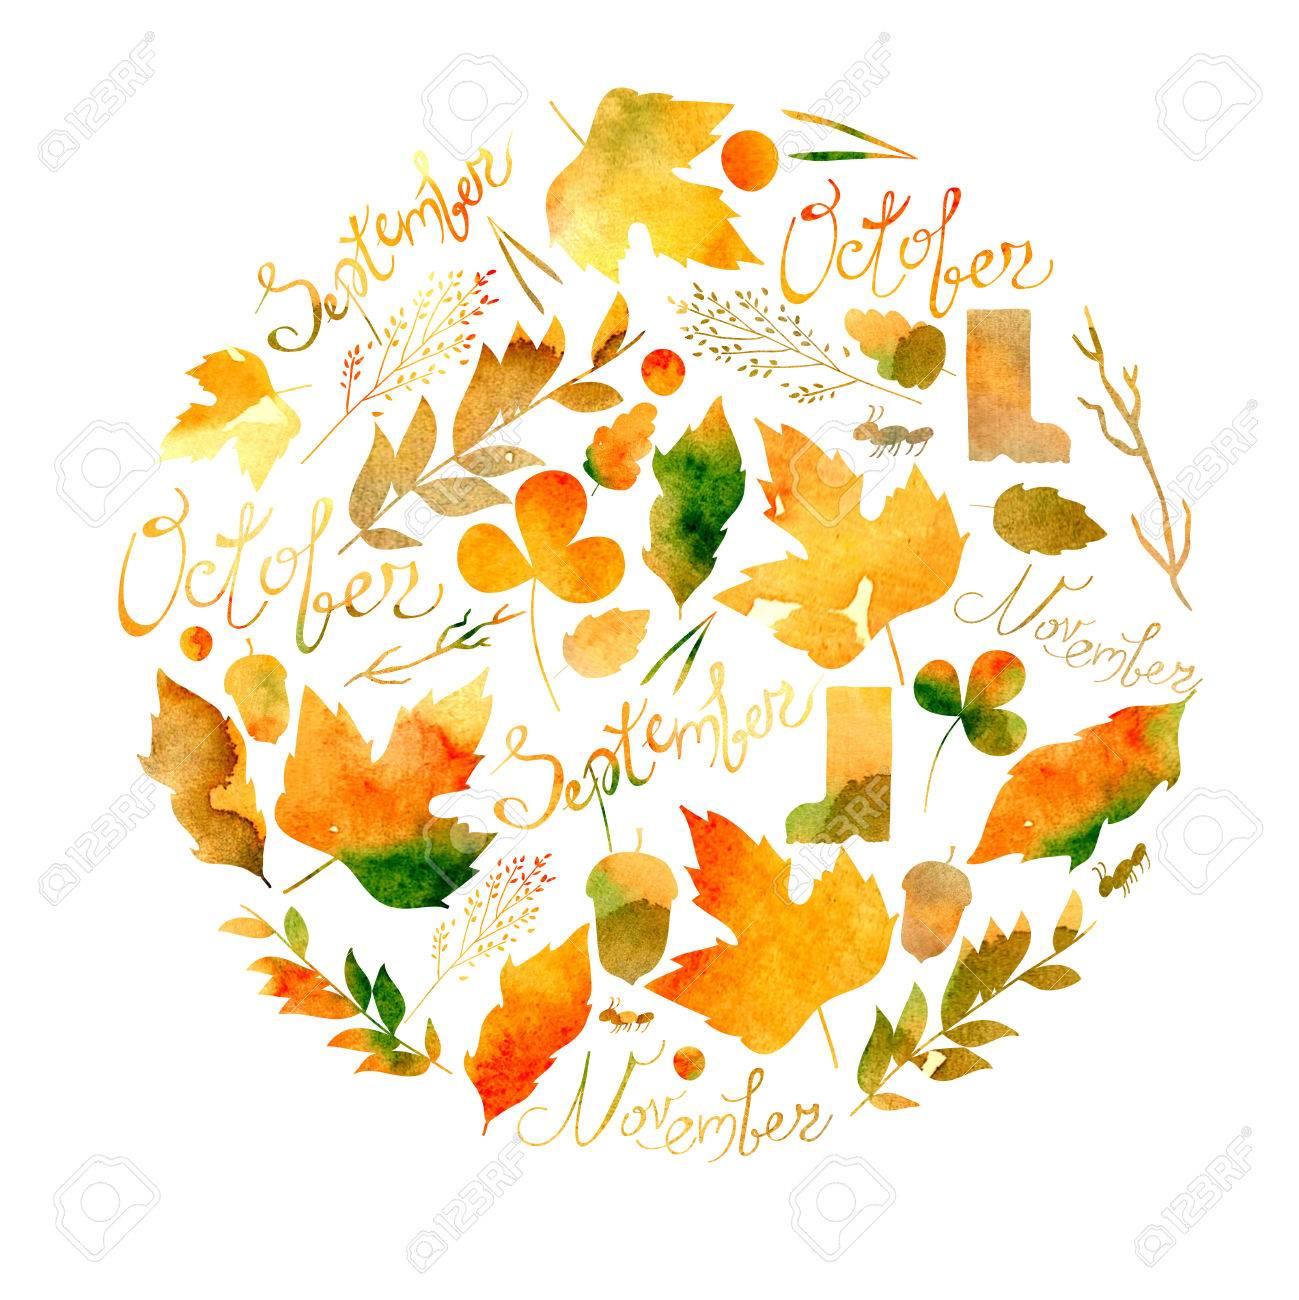 イラストを描いた一連の葉小枝果実花秋要素9 月10 月11 月